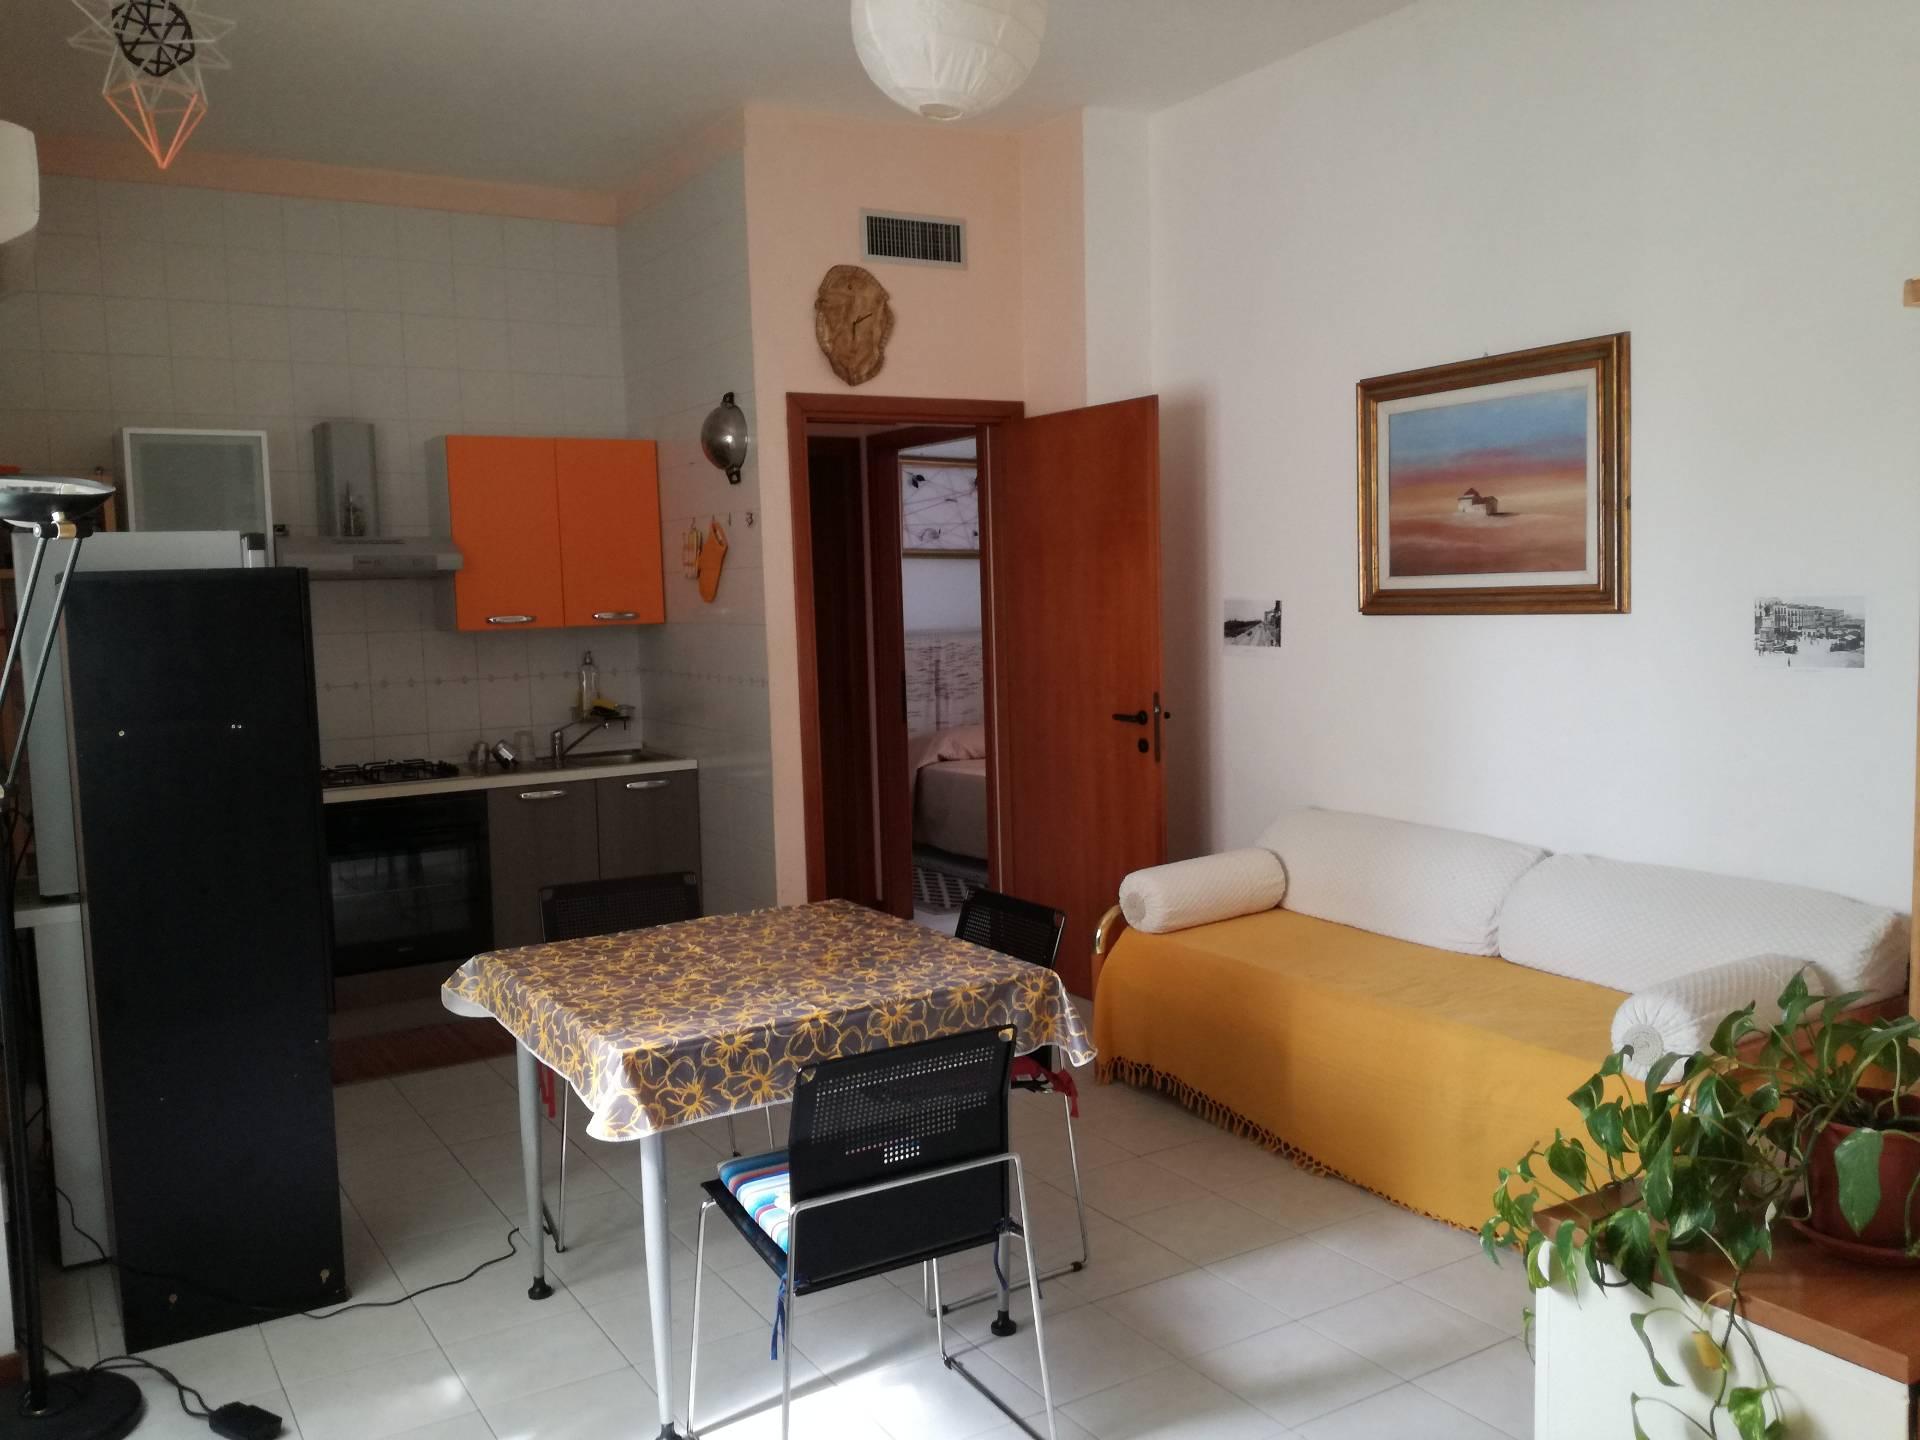 Appartamento in affitto a Cagliari, 2 locali, zona Zona: Marina, prezzo € 550   Cambio Casa.it